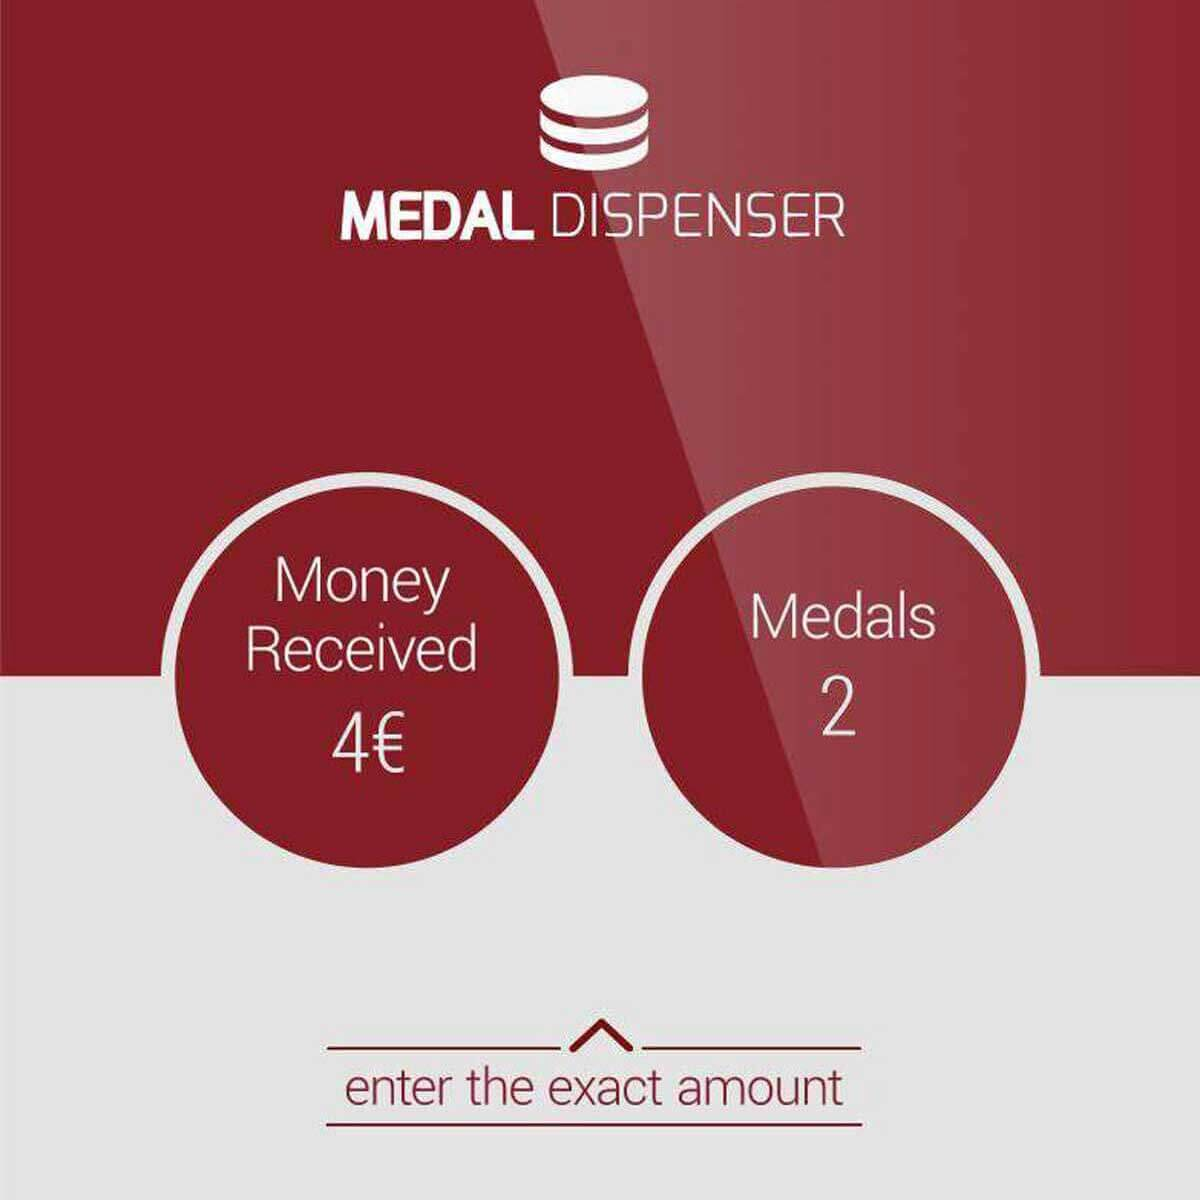 Medal Dispenser by PARTTEAM & OEMKIOSKS